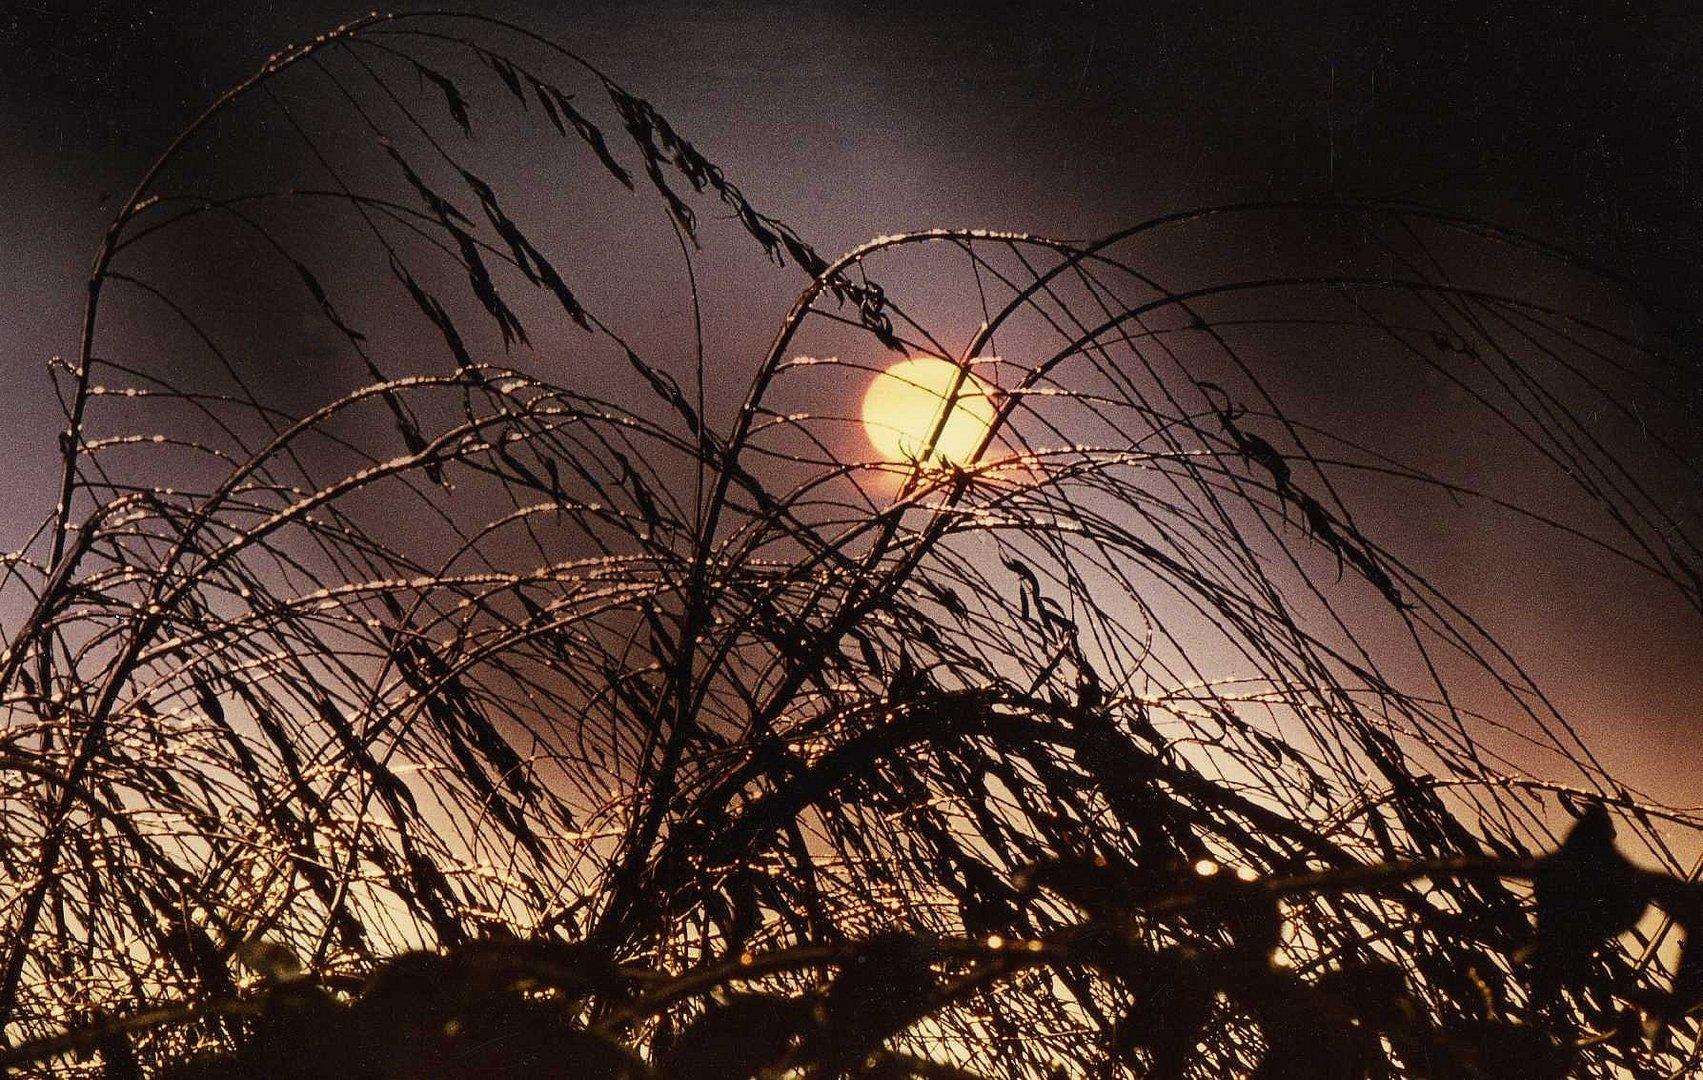 Les branches et la lune